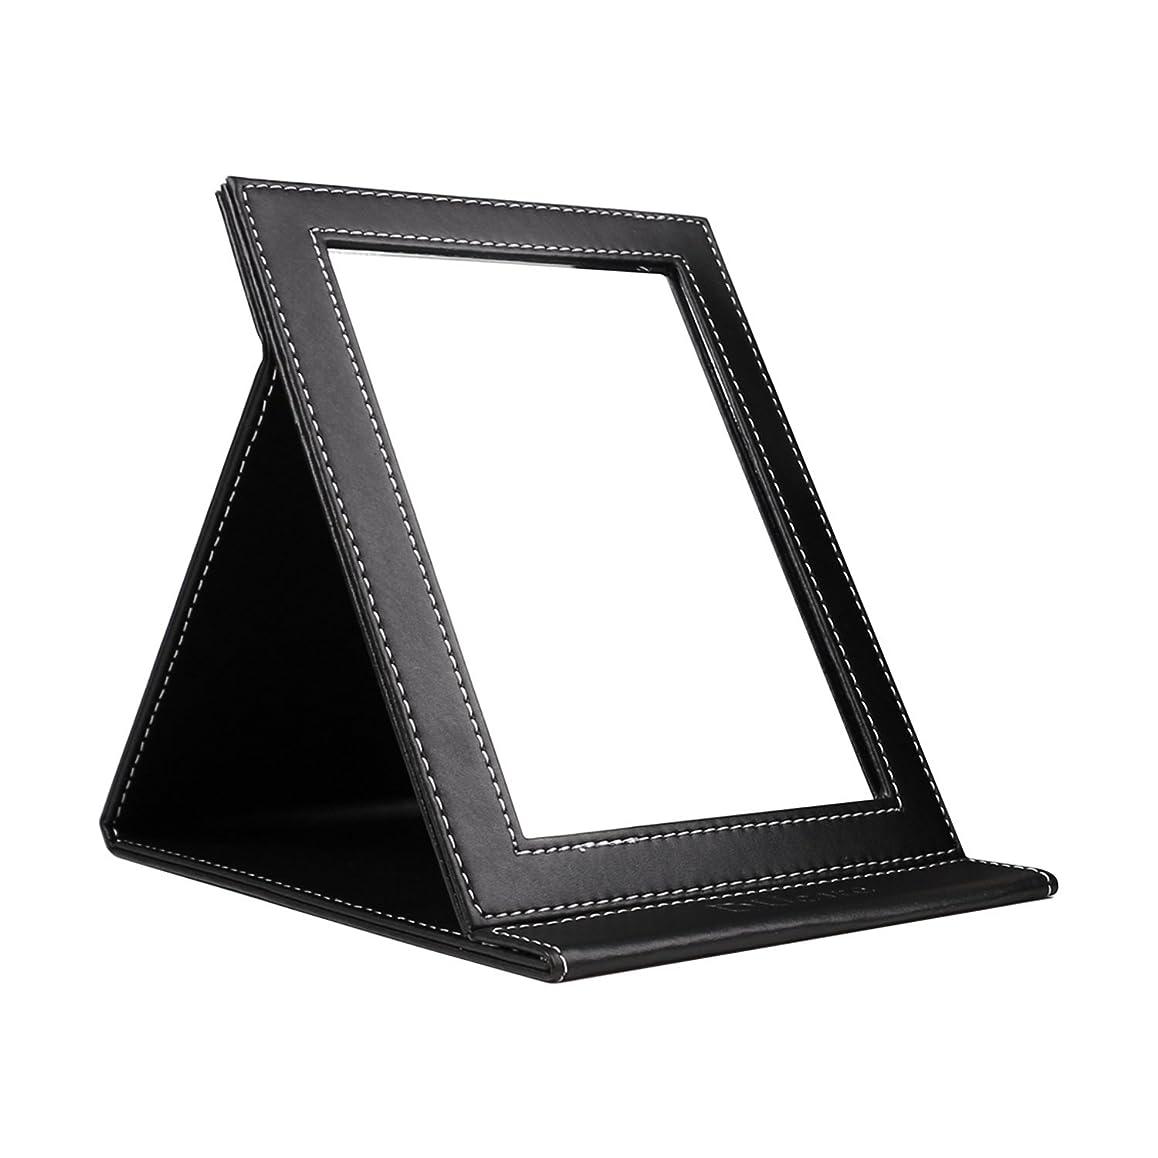 必要としている近代化補正DUcare ドゥケア 化粧鏡 スタンドミラー 折りたたみ式 角度調整自由自在 上質PUレザー使用